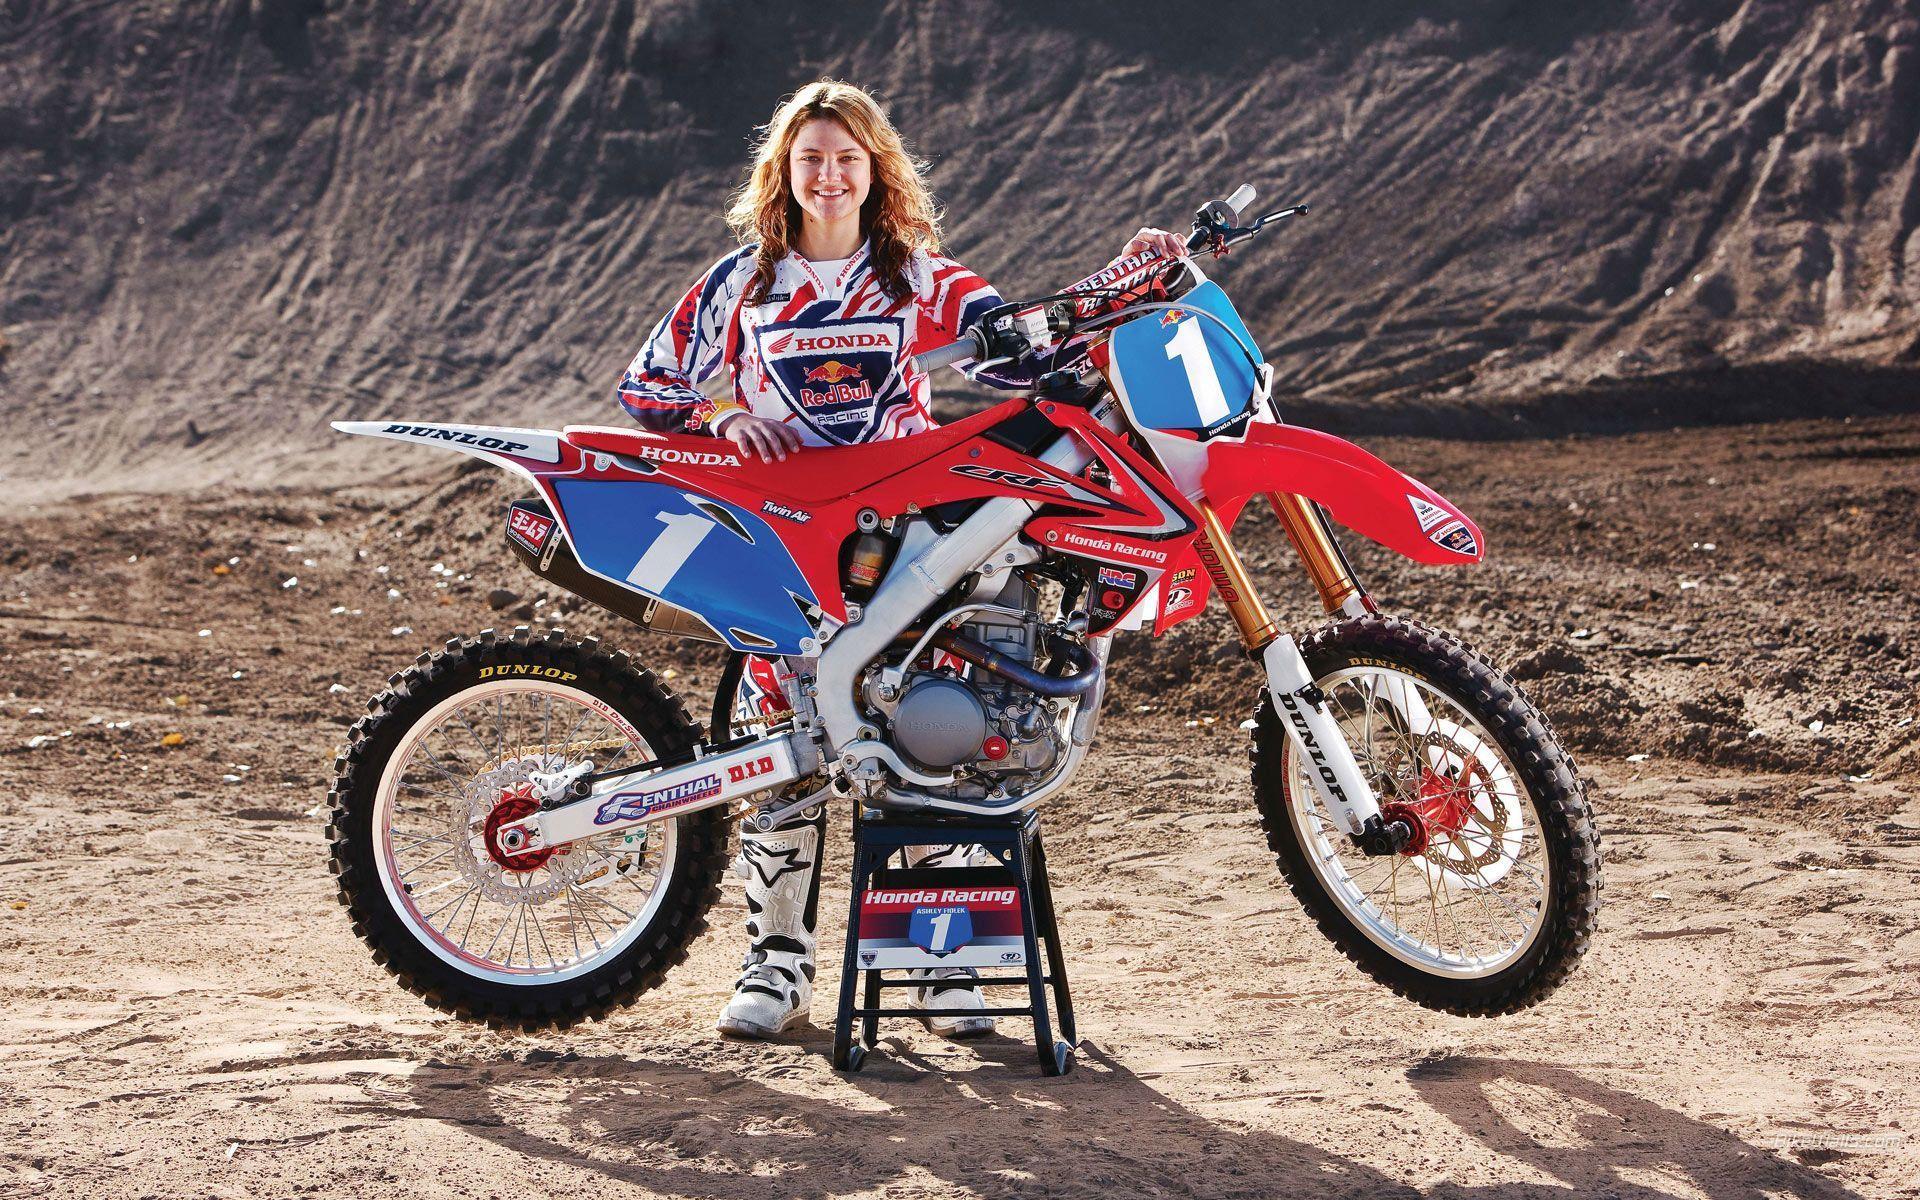 Honda Dirt Bike Wallpapers - Top Free Honda Dirt Bike